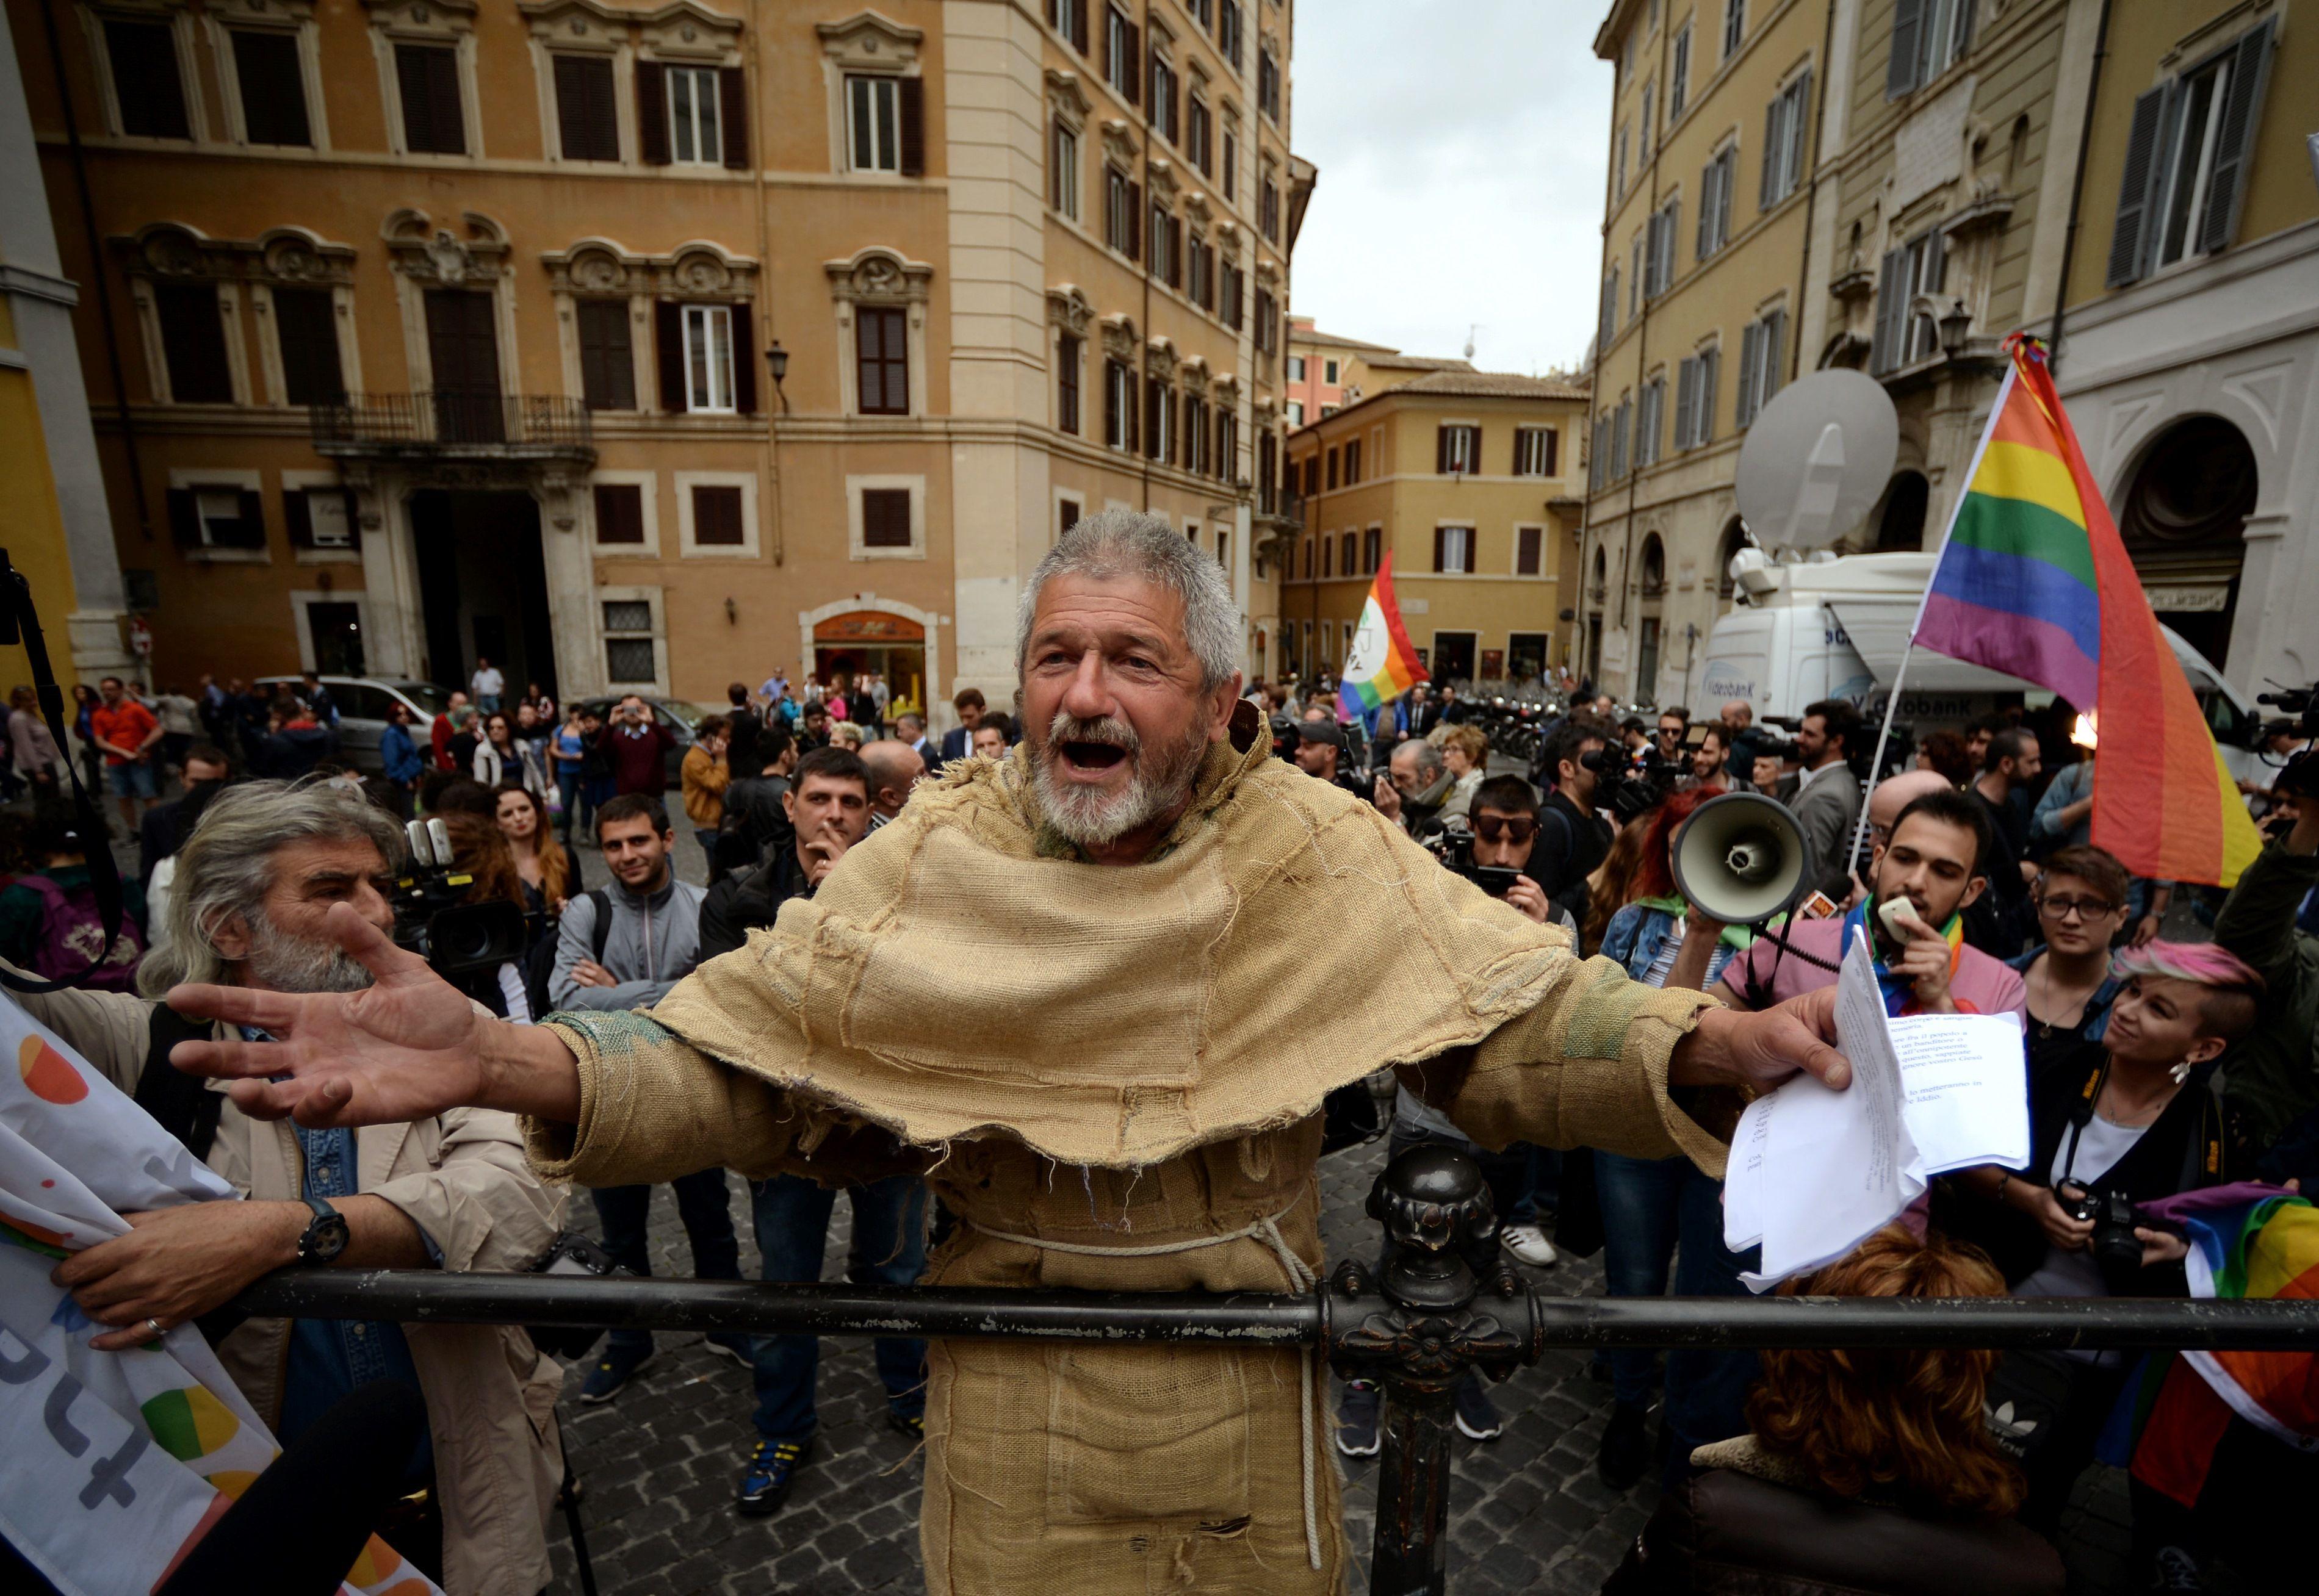 Italie : adoption d'une union civile pour les couples de même sexe